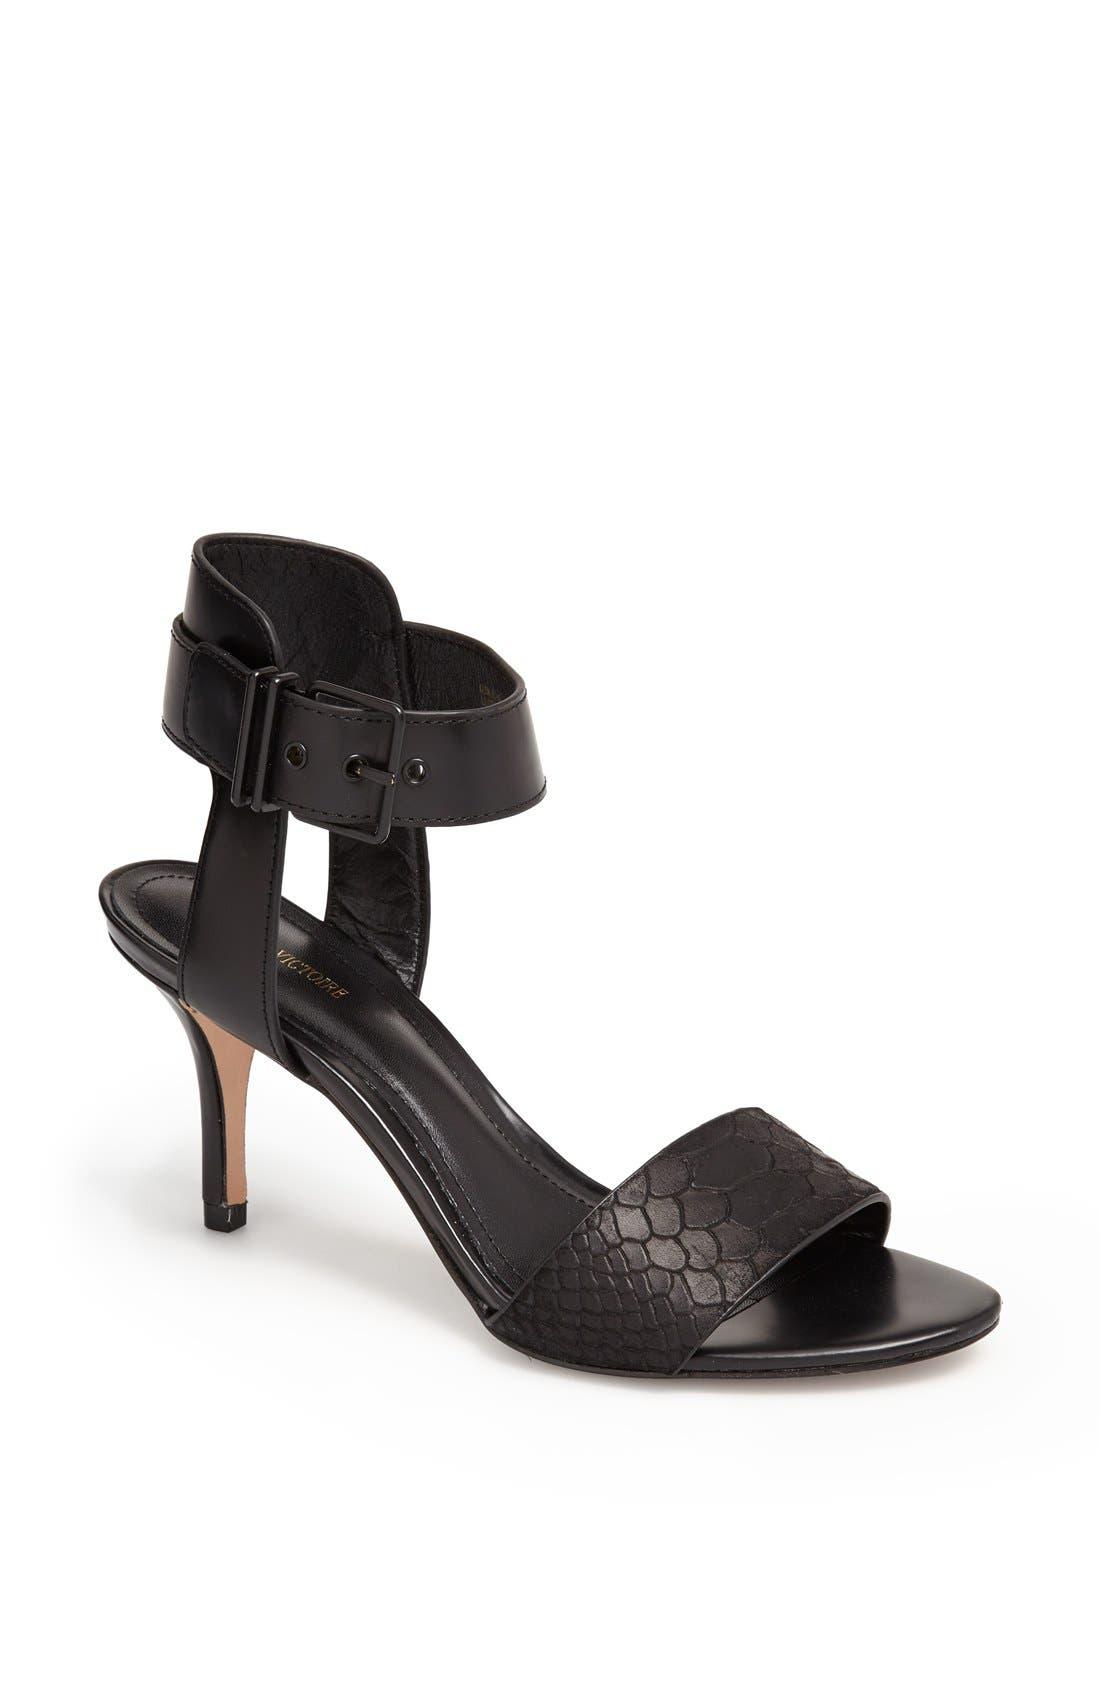 Alternate Image 1 Selected - Pour la Victoire 'Quin' Sandal